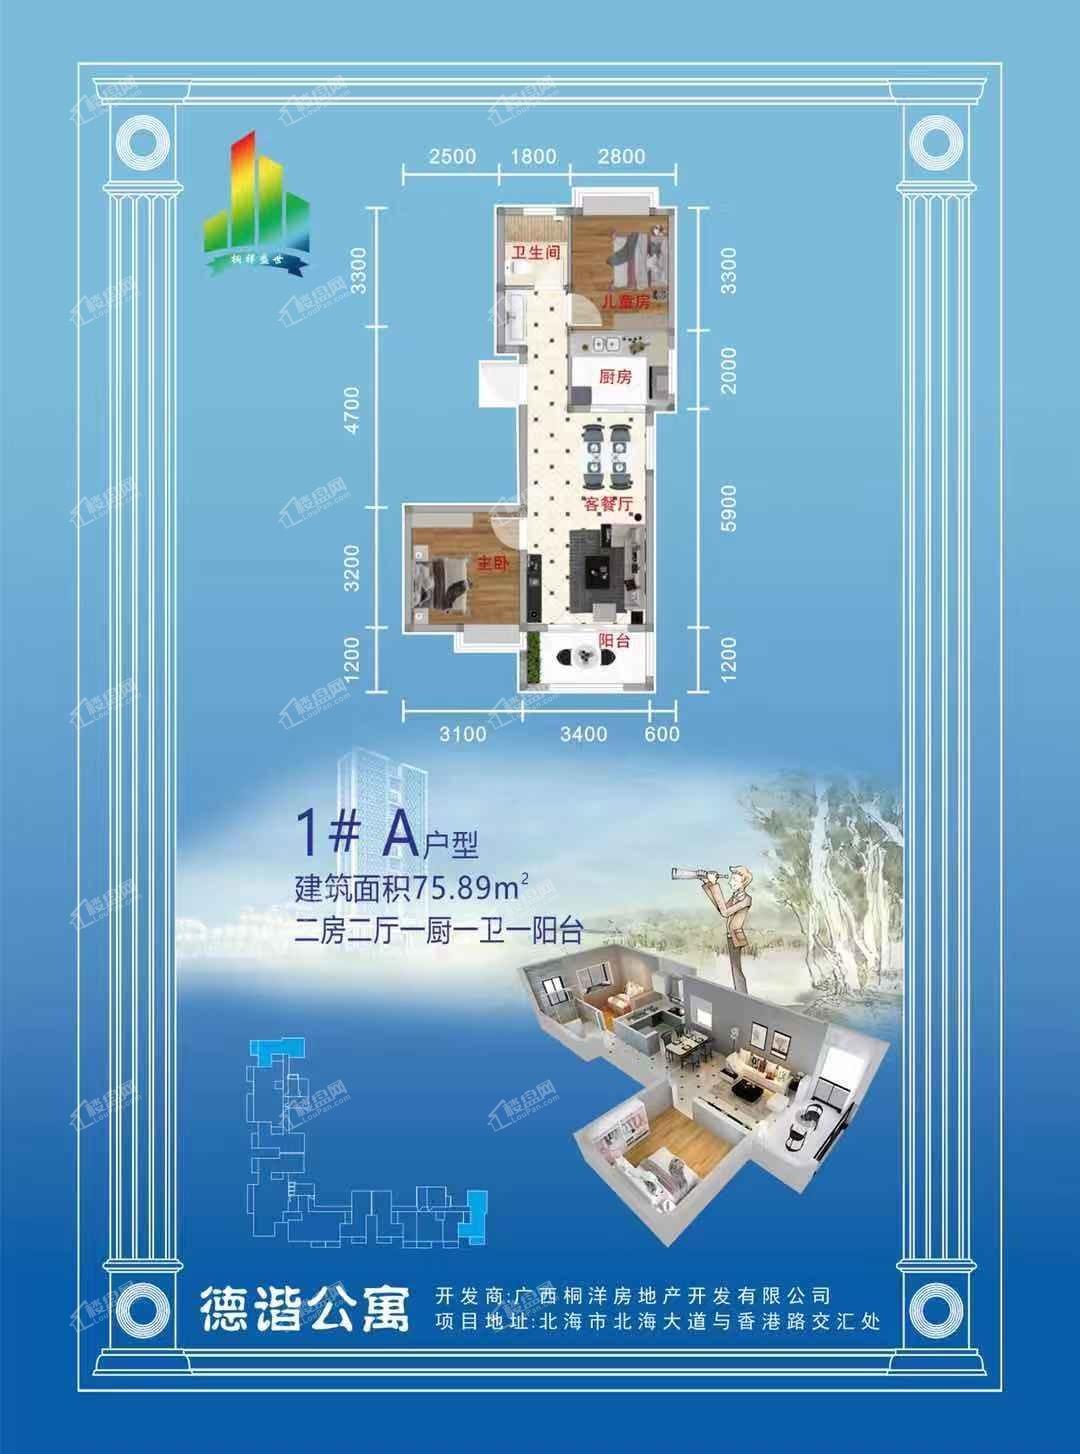 德谐公寓1#A户型75.89㎡